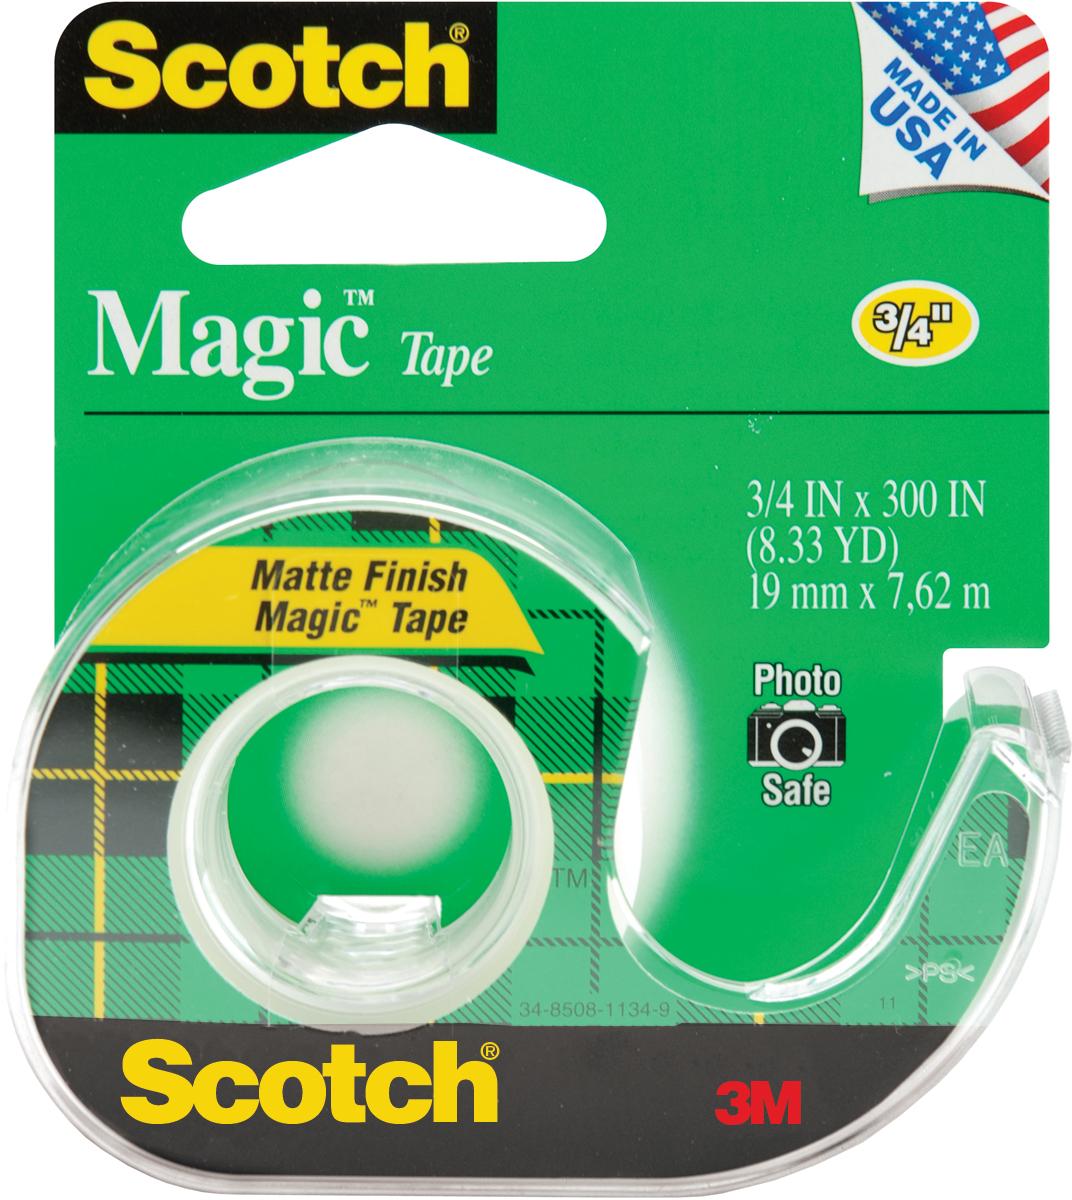 Scotch Magic Tape-.75X300